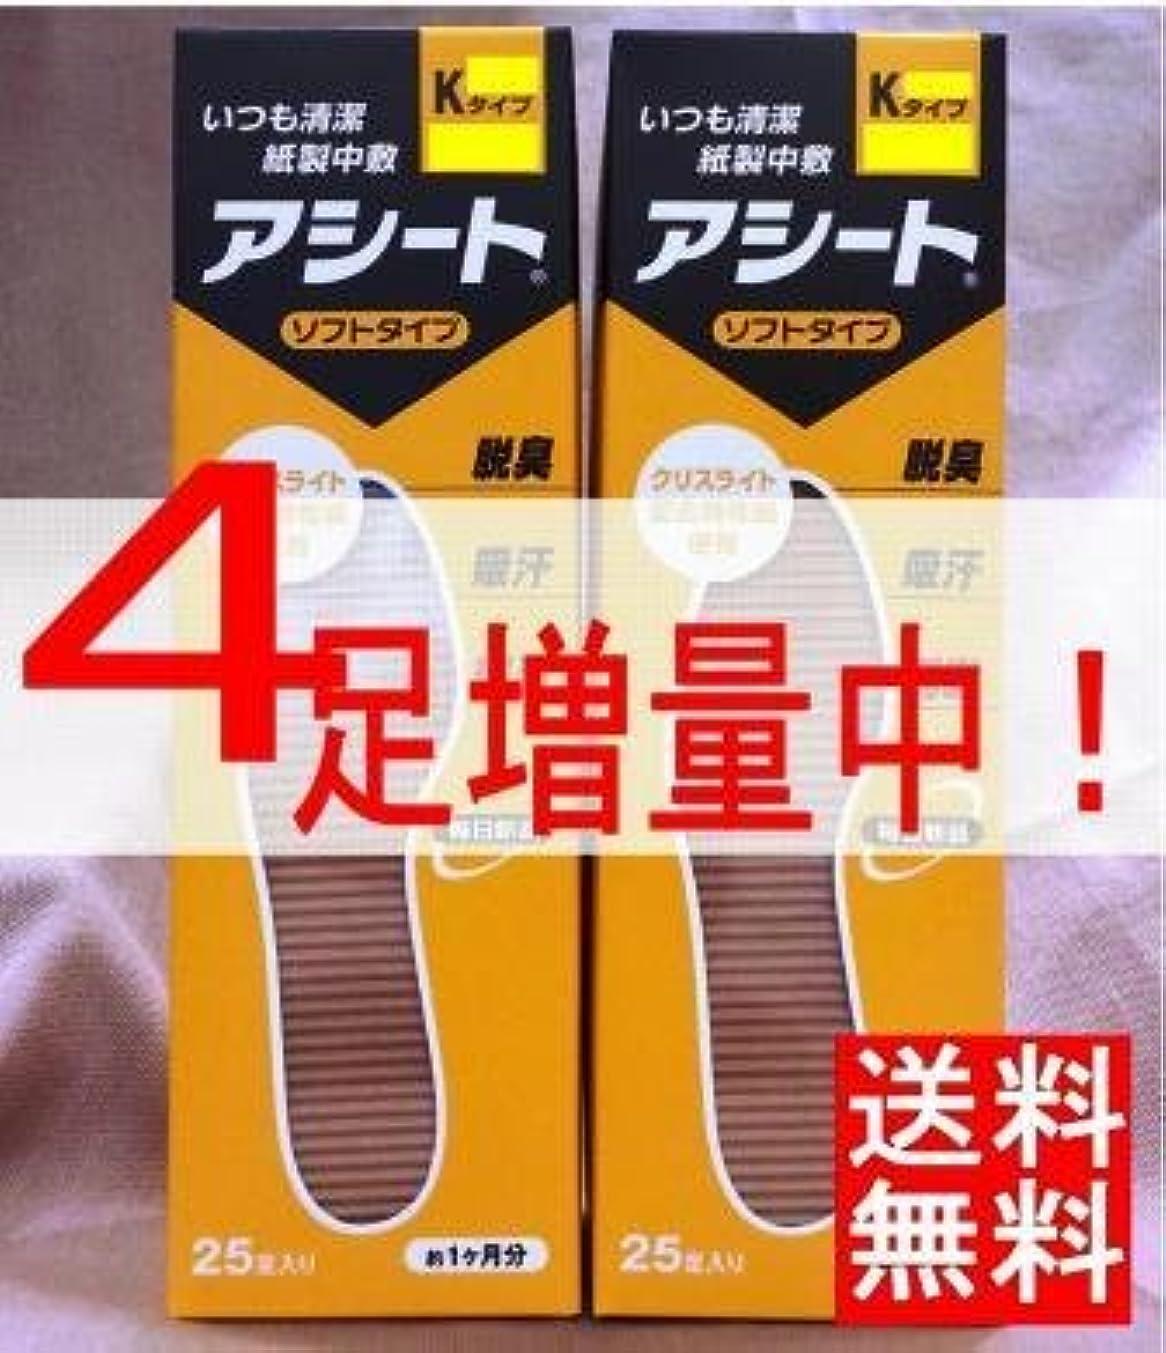 ラブ計器相手アシートK(サイズ24cm)×2箱セット(4足増量中)